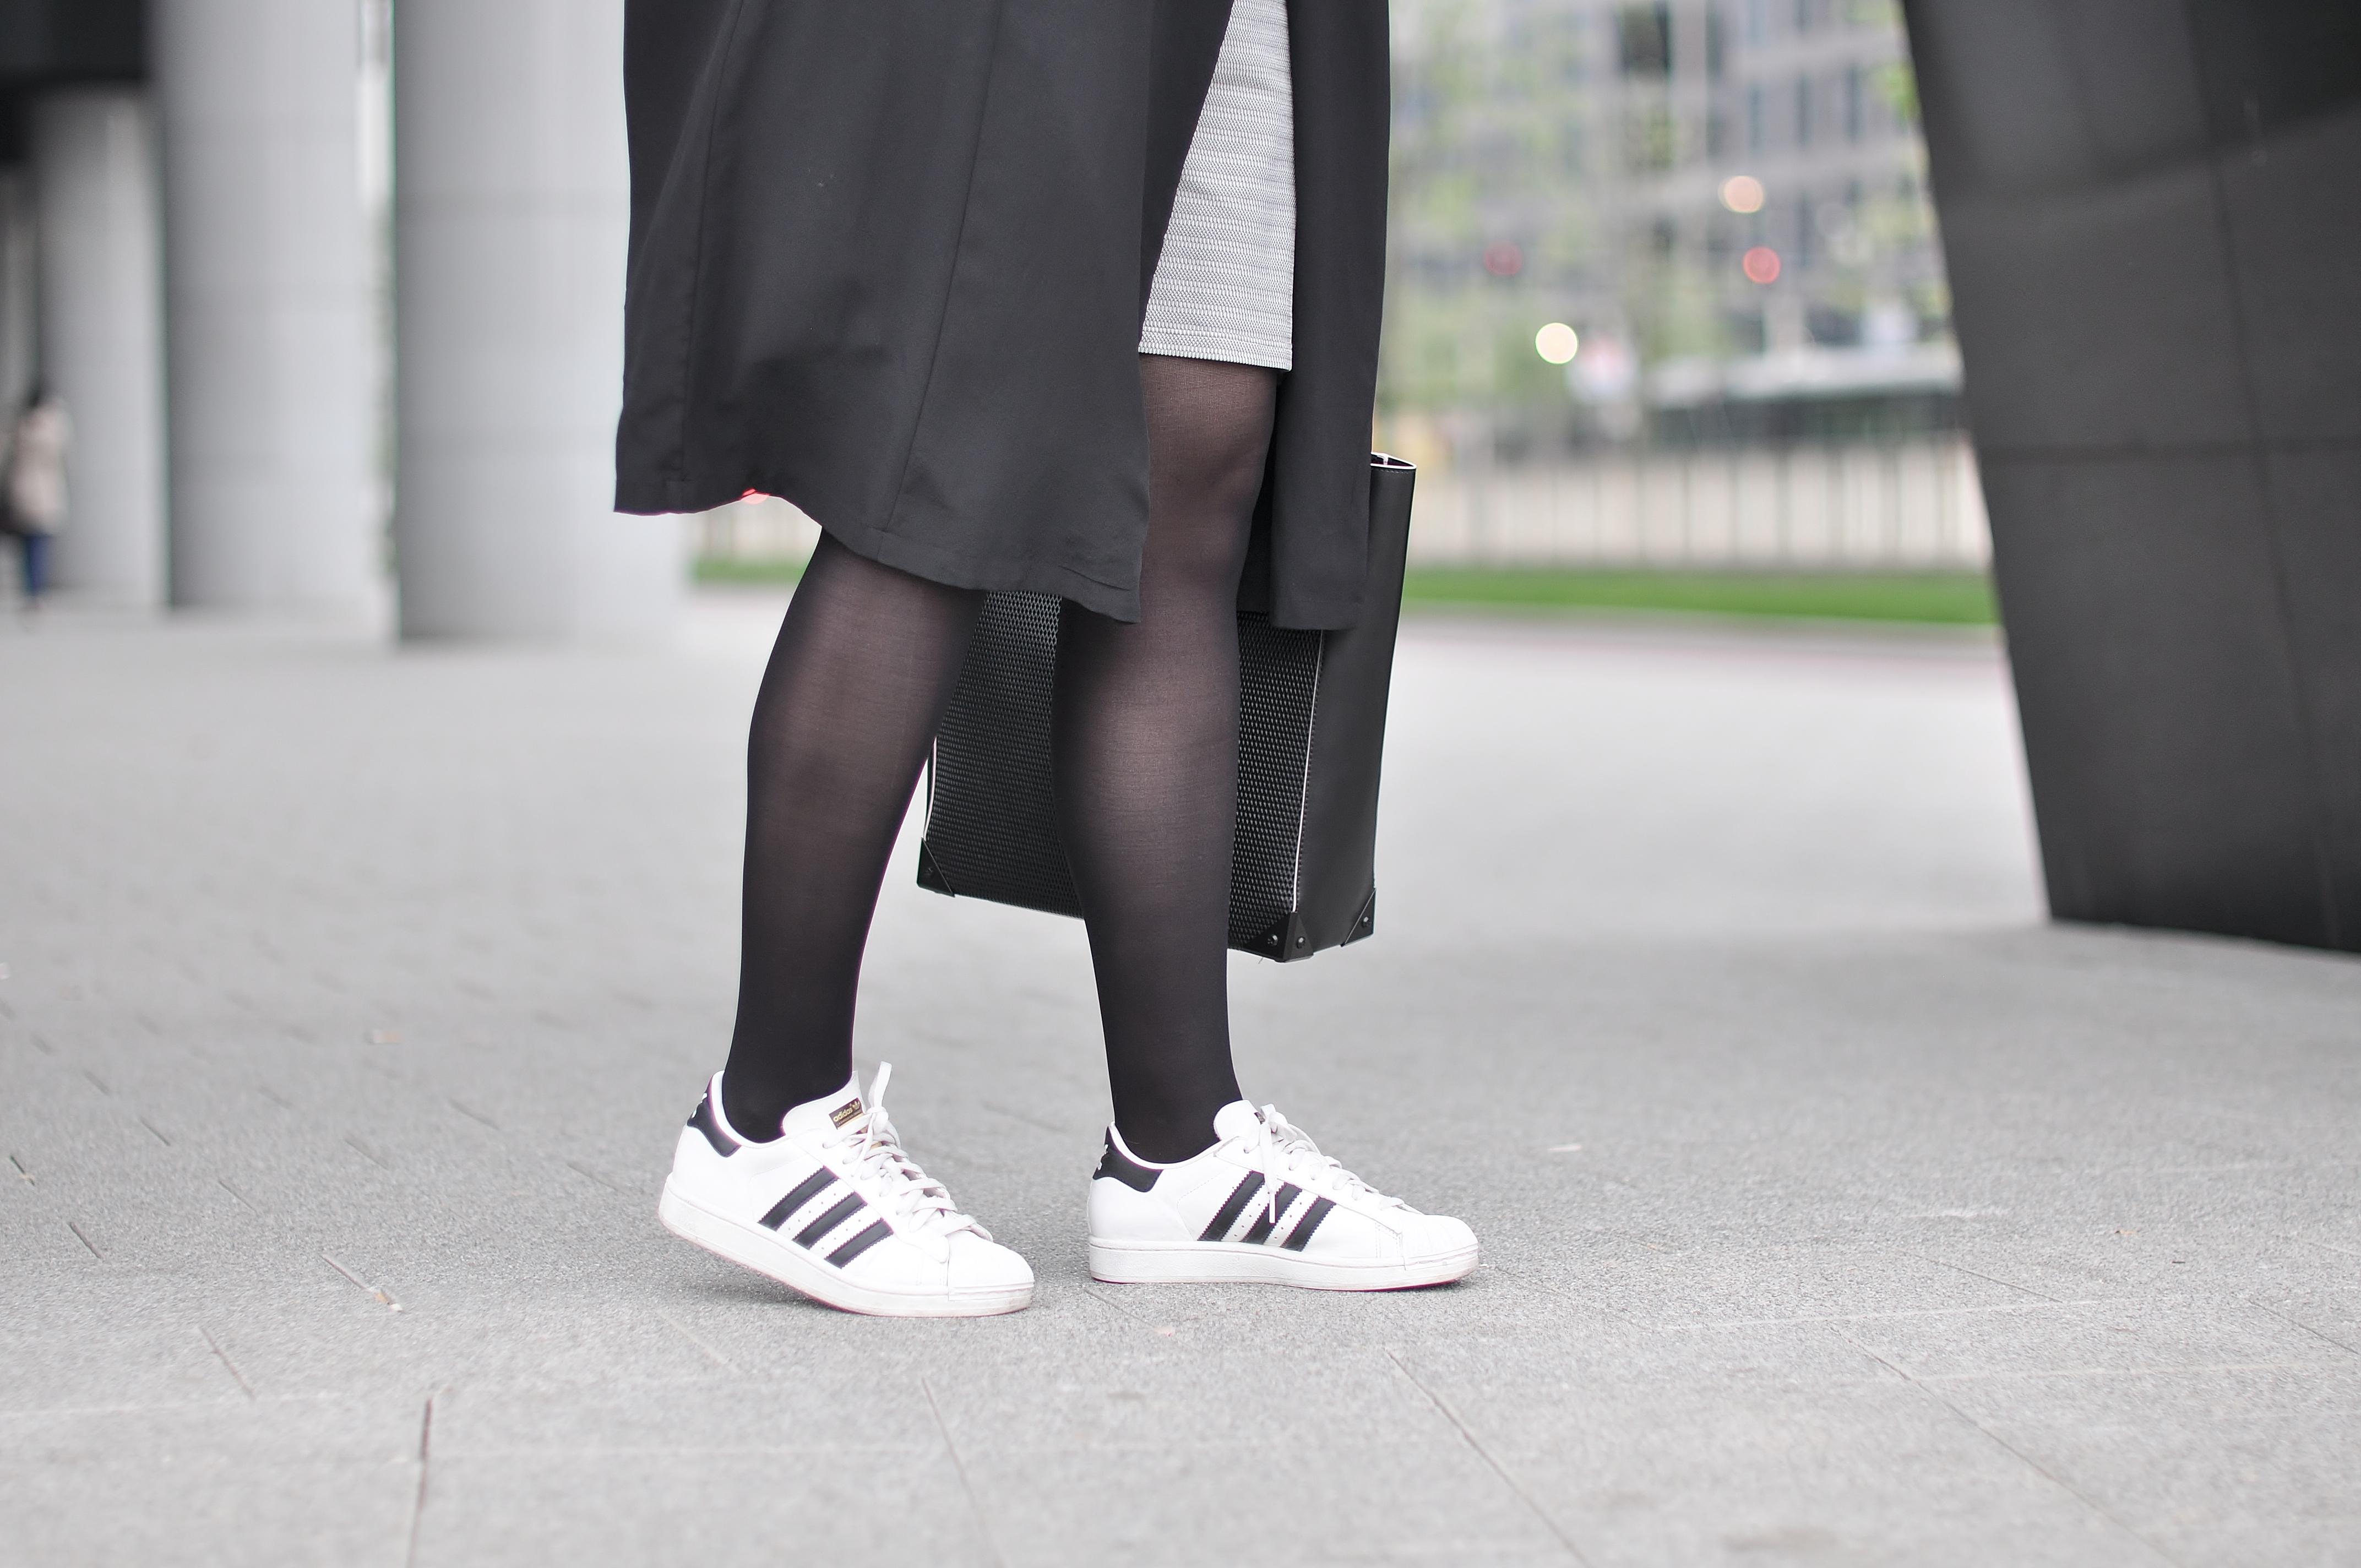 Superstar 80's Woven Shoe Cheap Adidas Smith & Caughey's Smith